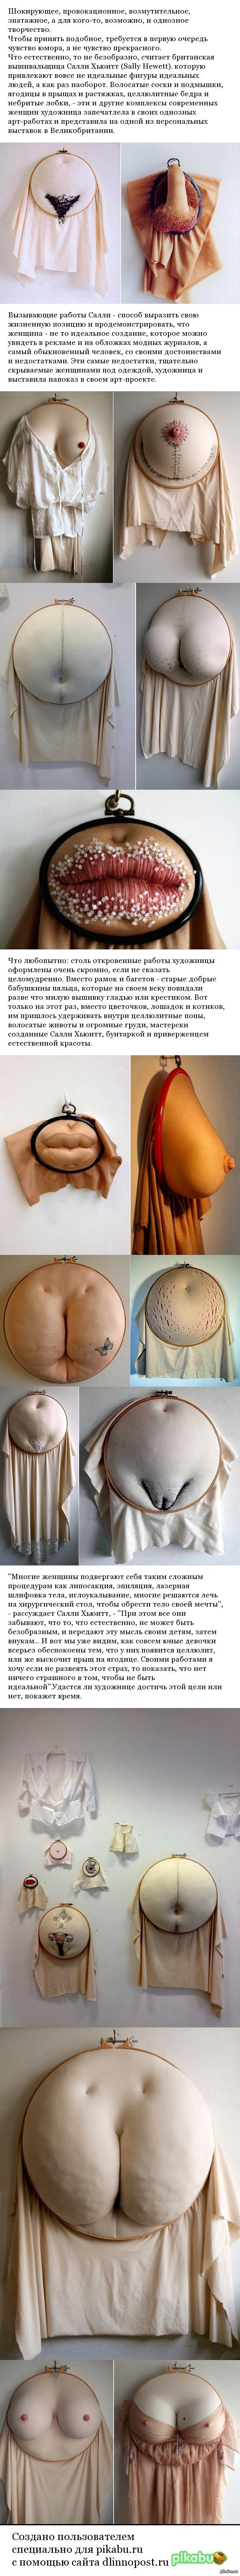 Талант...он у каждого свой Художница вышивает волосатые задницы,целлюлит и половые органы